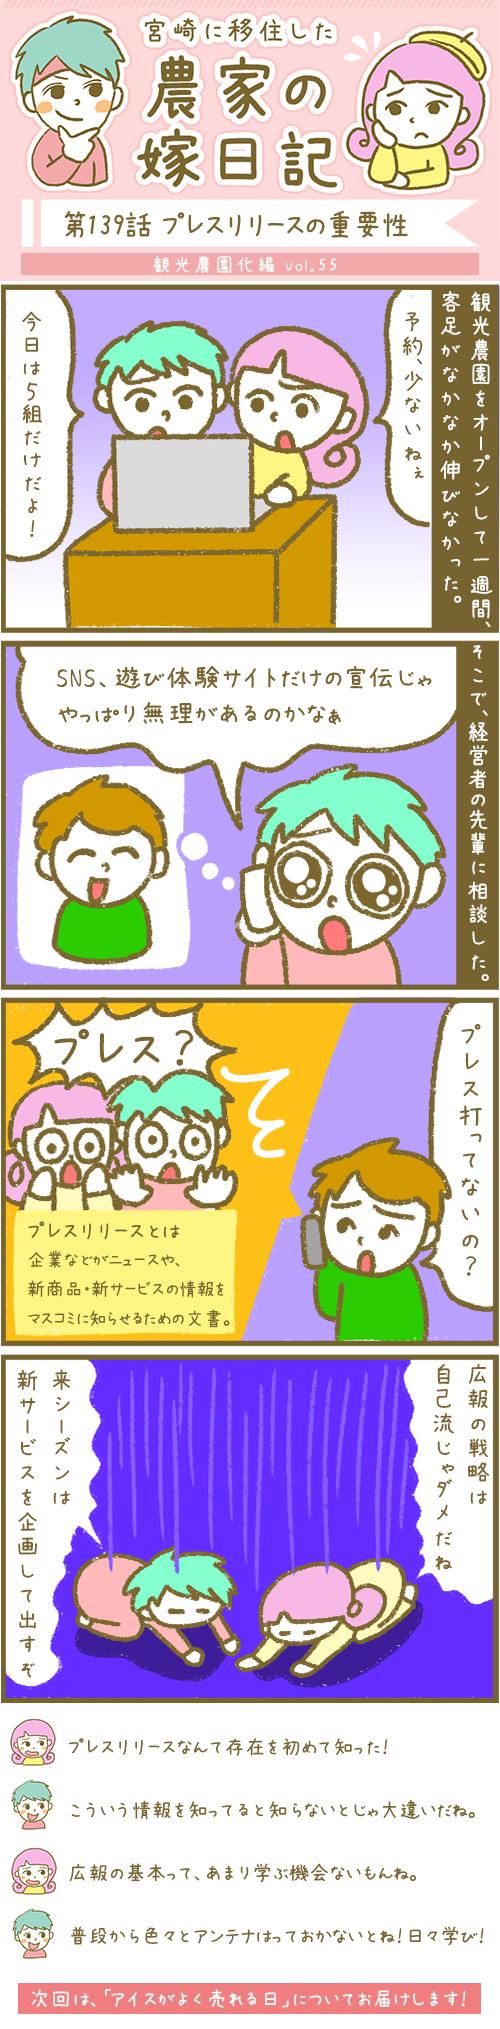 漫画第139話